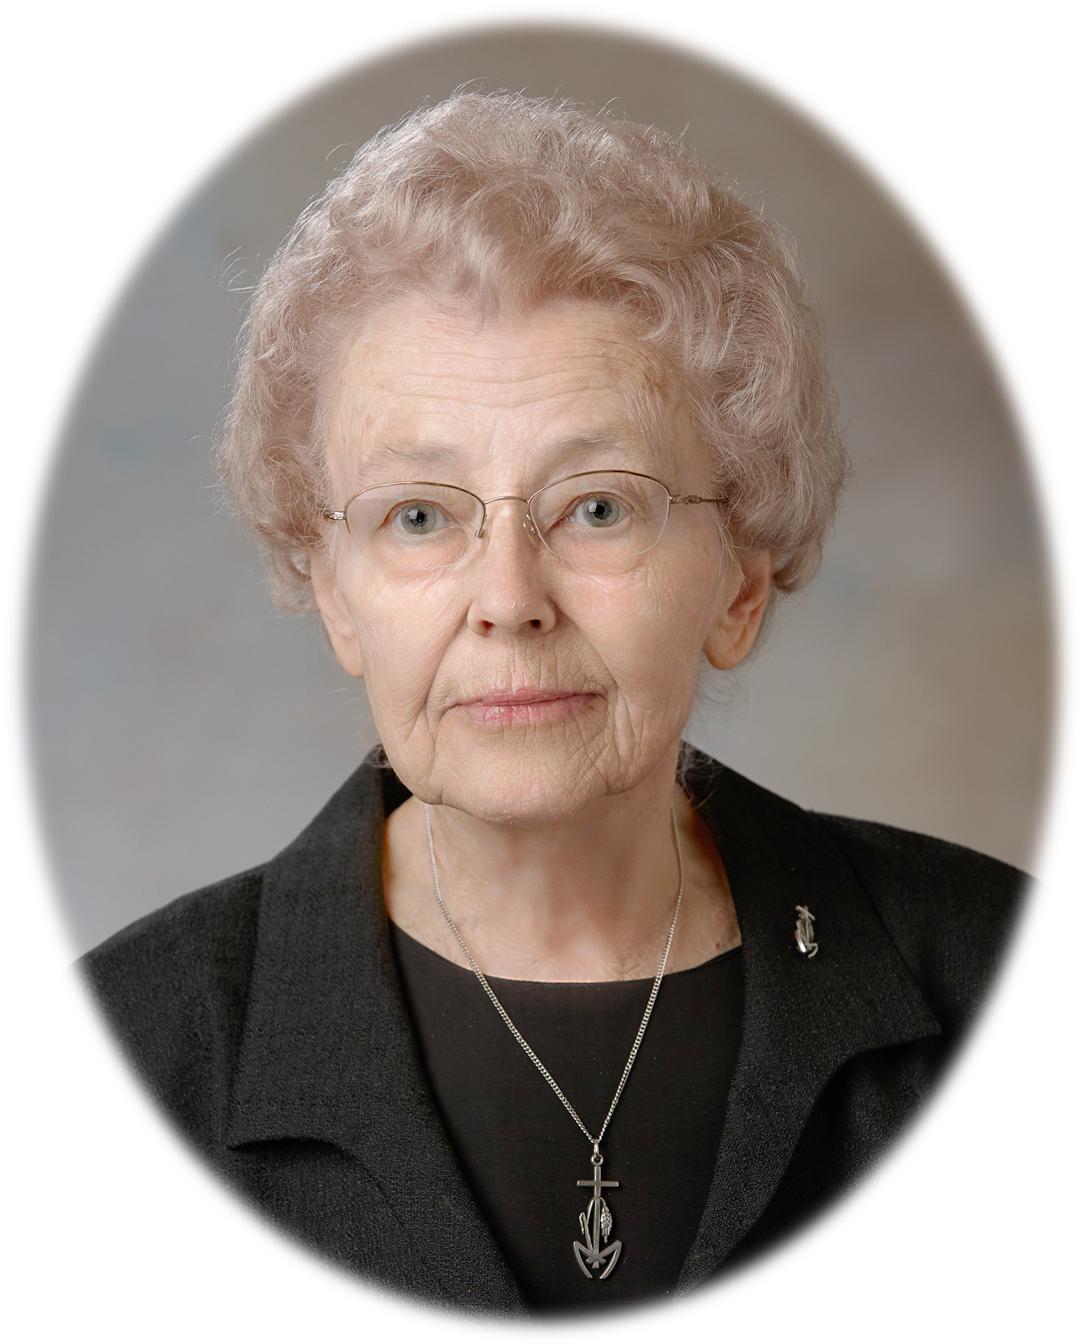 Sr. Barbara Ficenec, N.D.